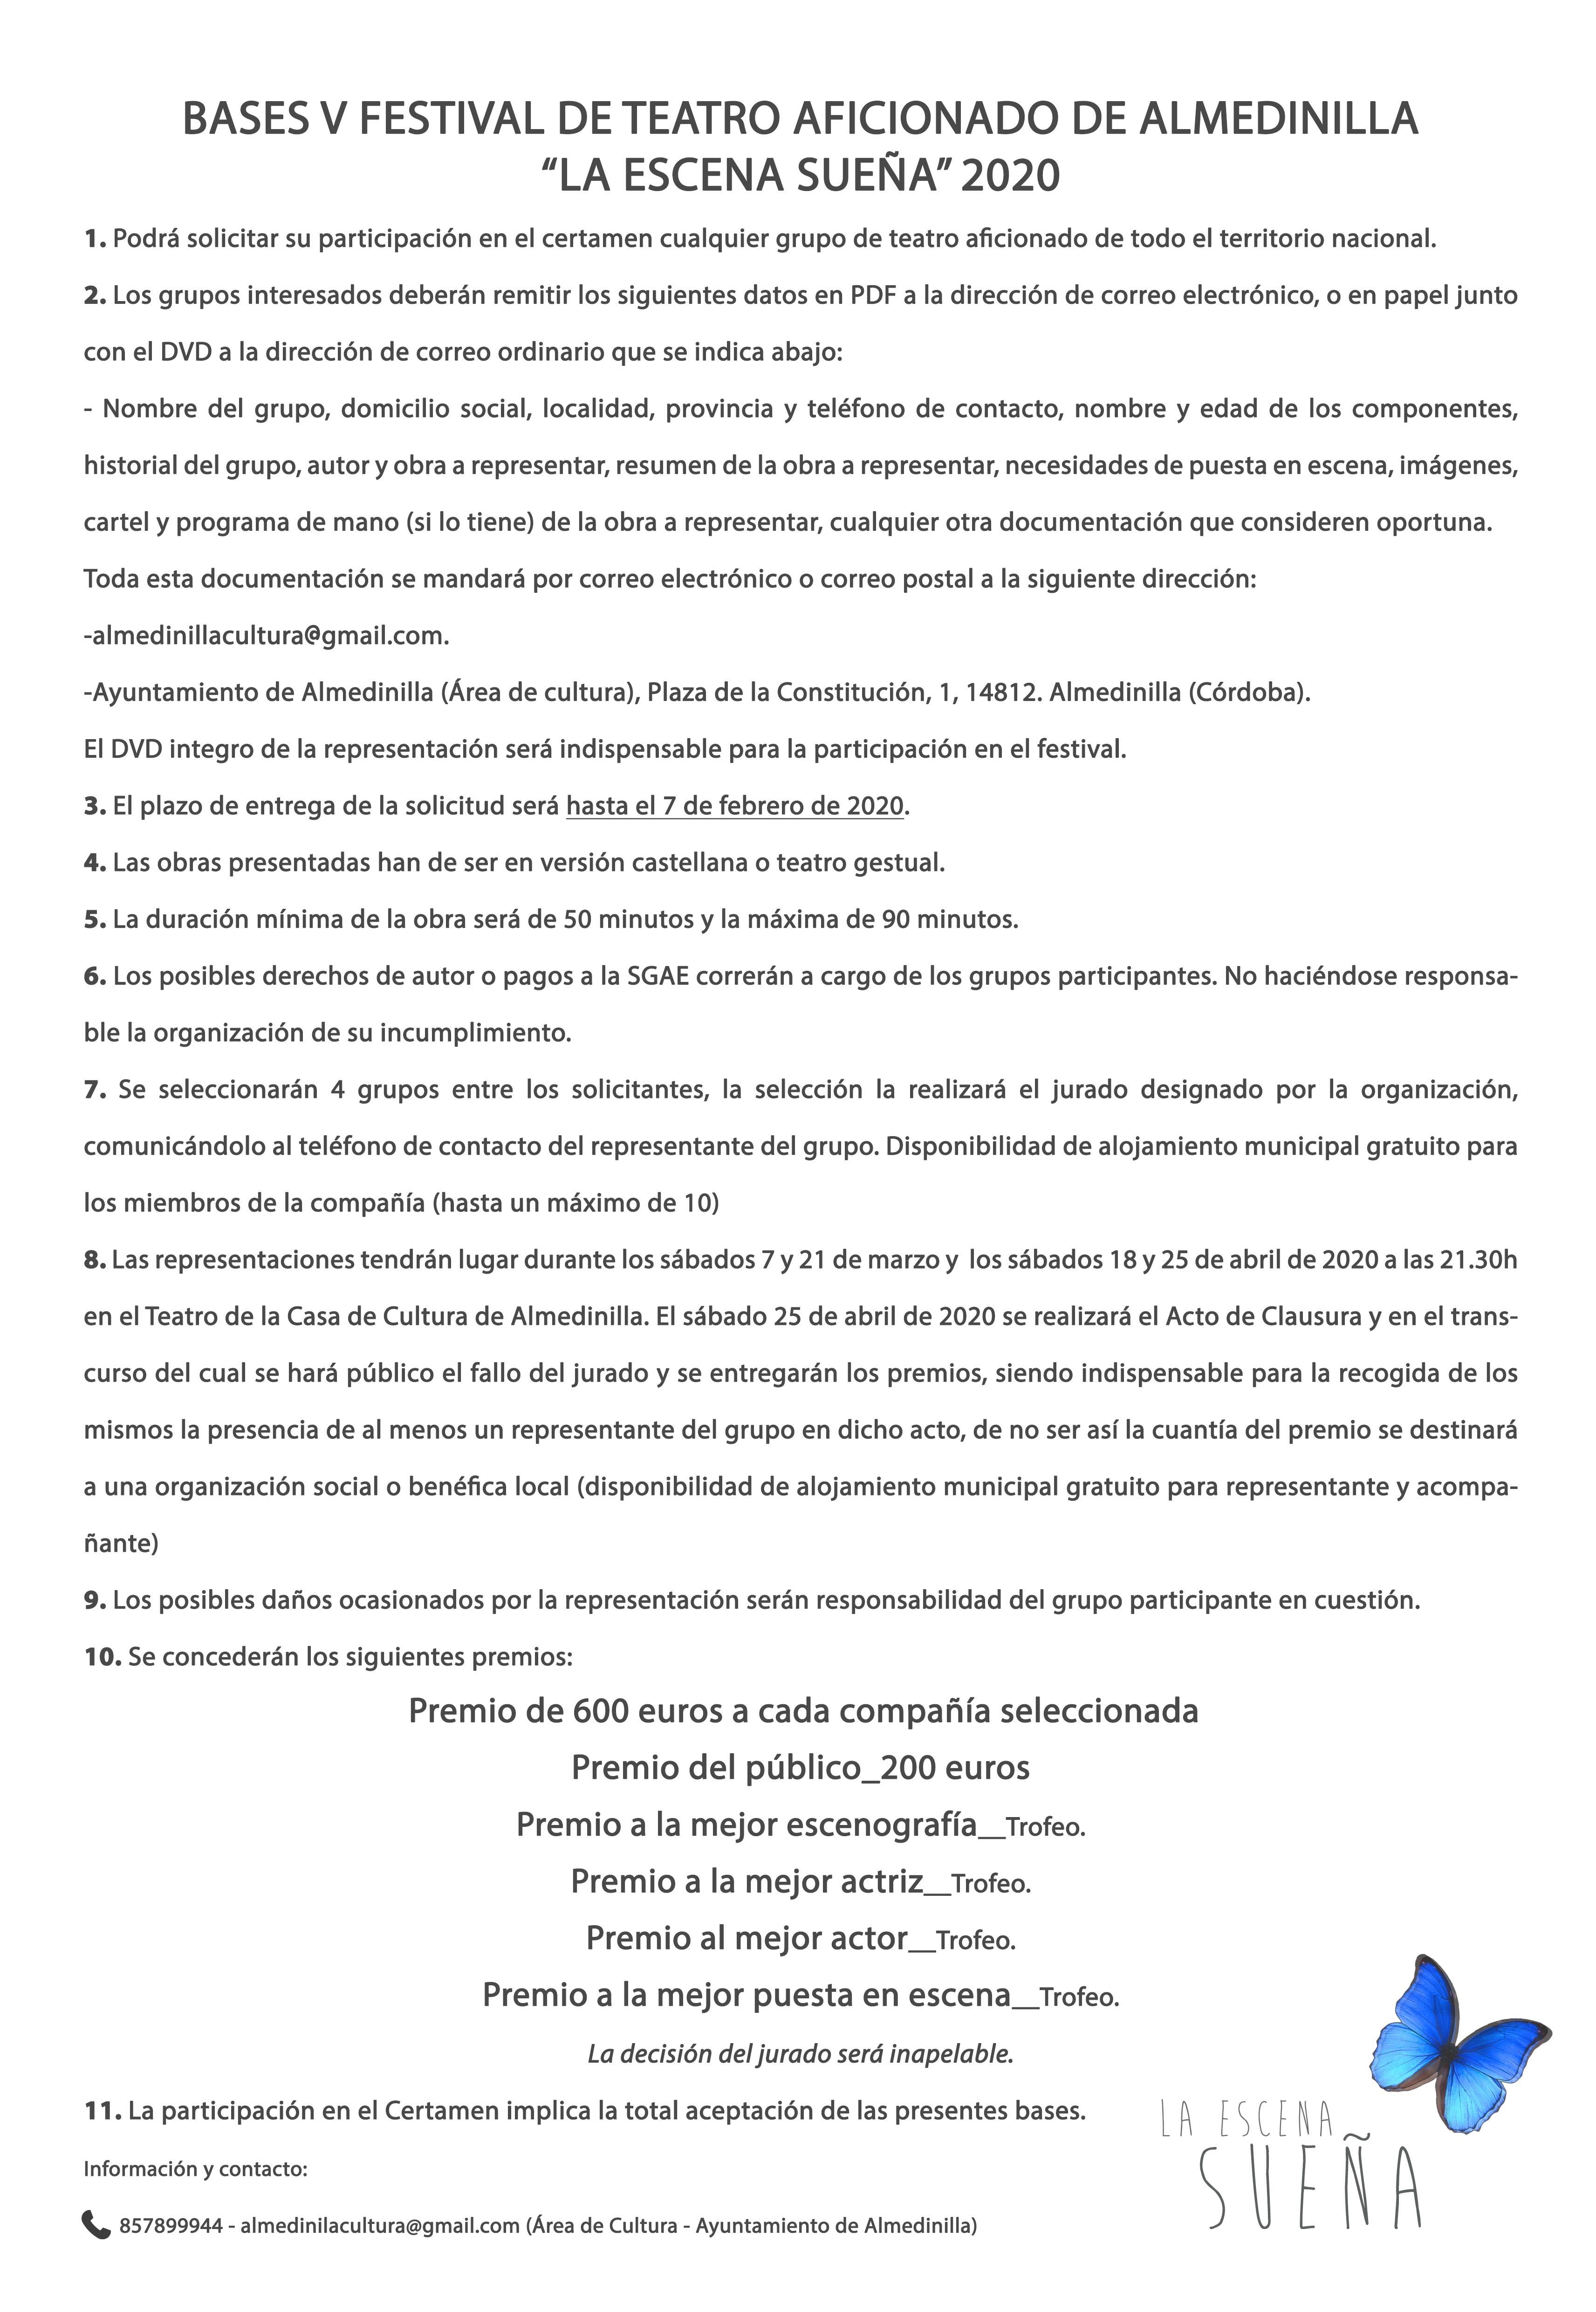 Bases La escena sueña Almedinilla 2020